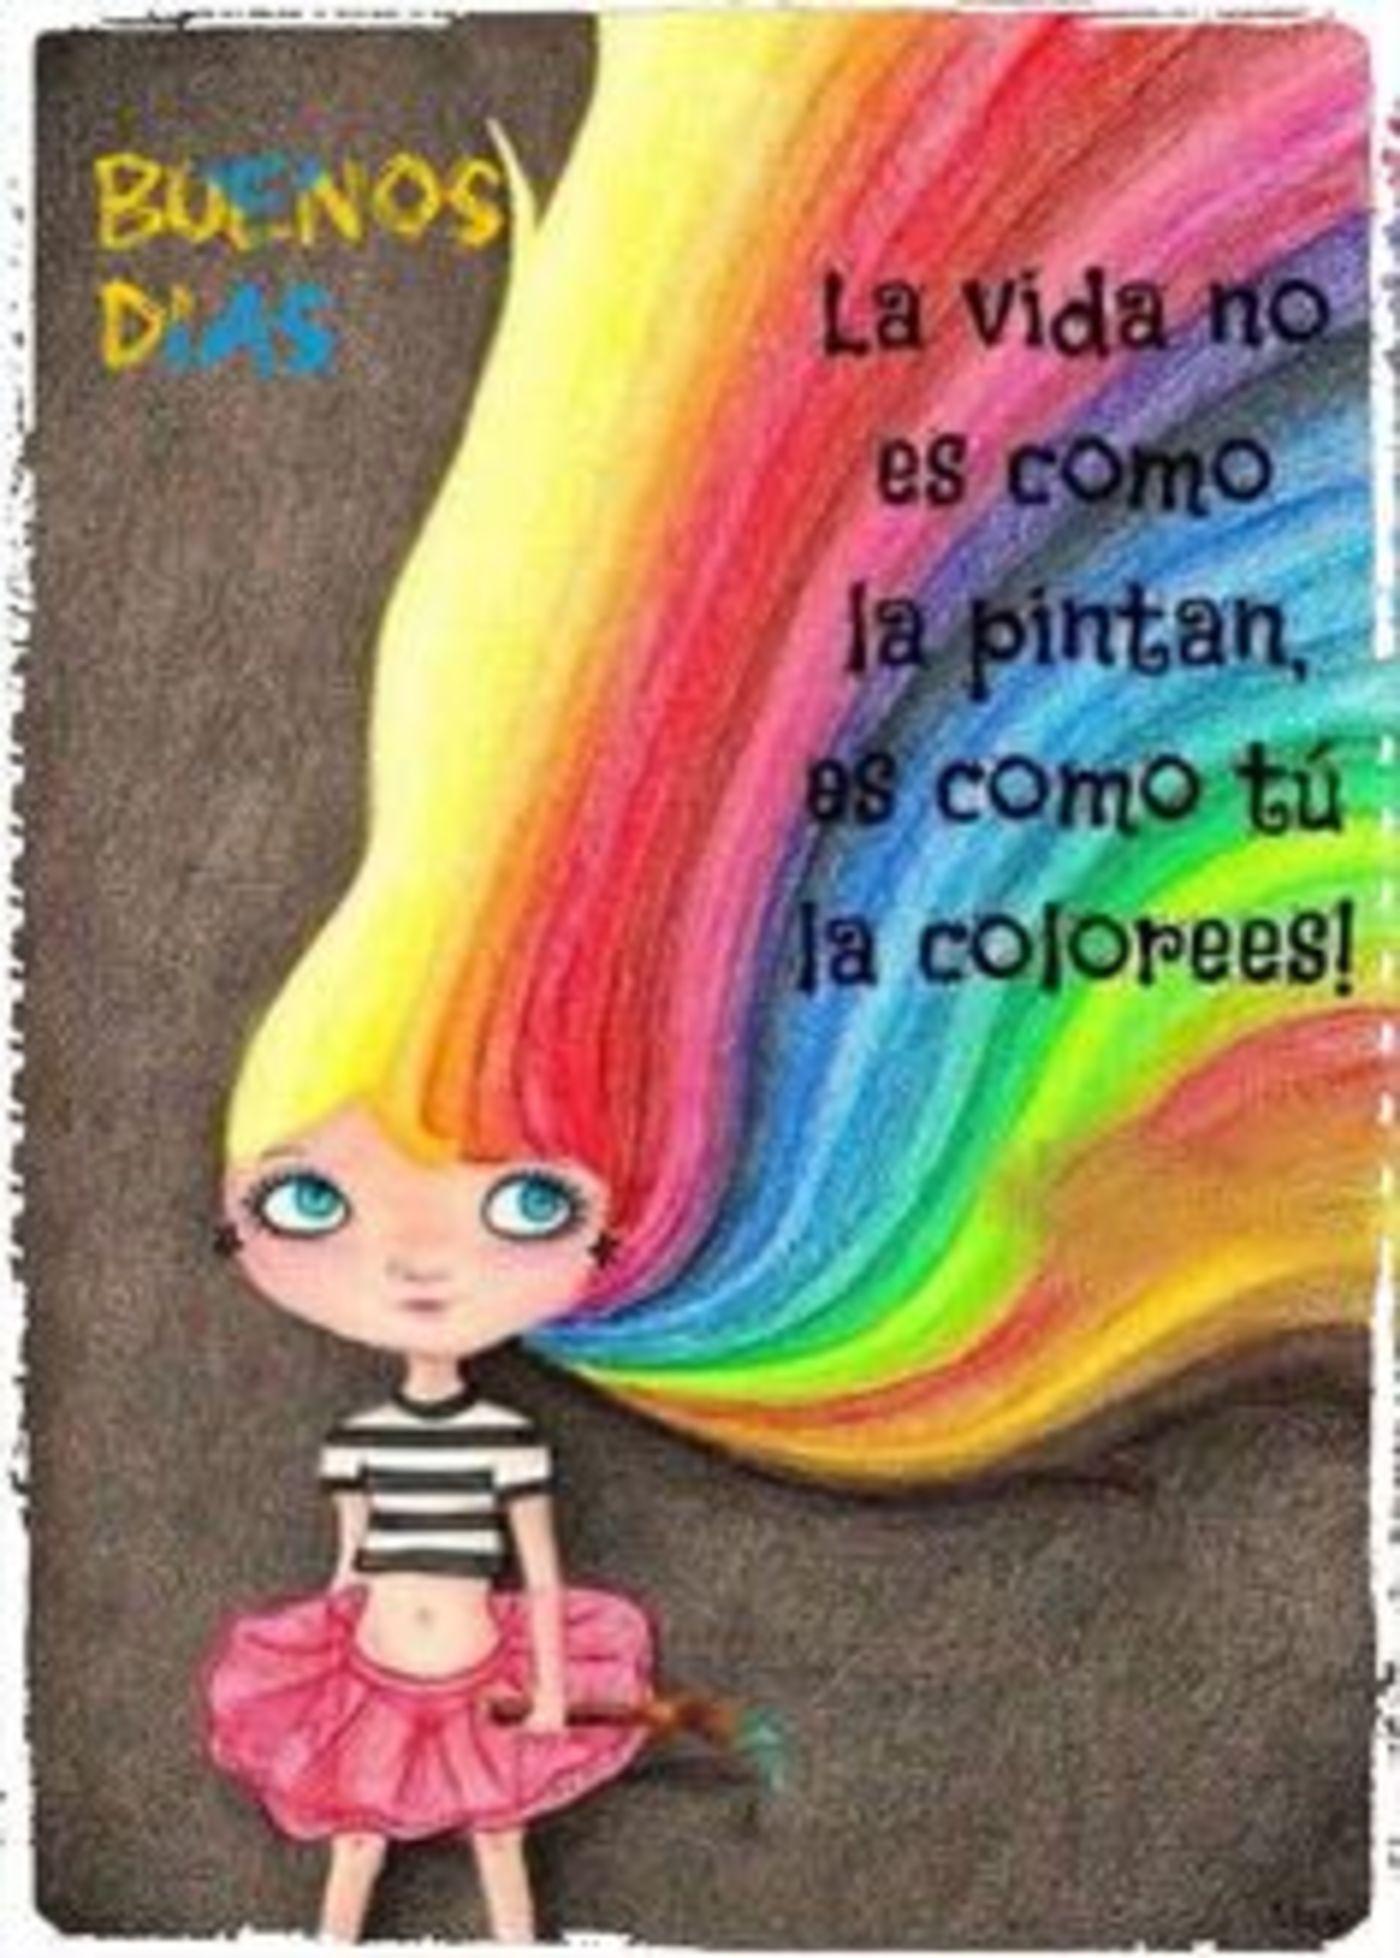 La vida no es como la pintan, es como tú la colorees! buenos días